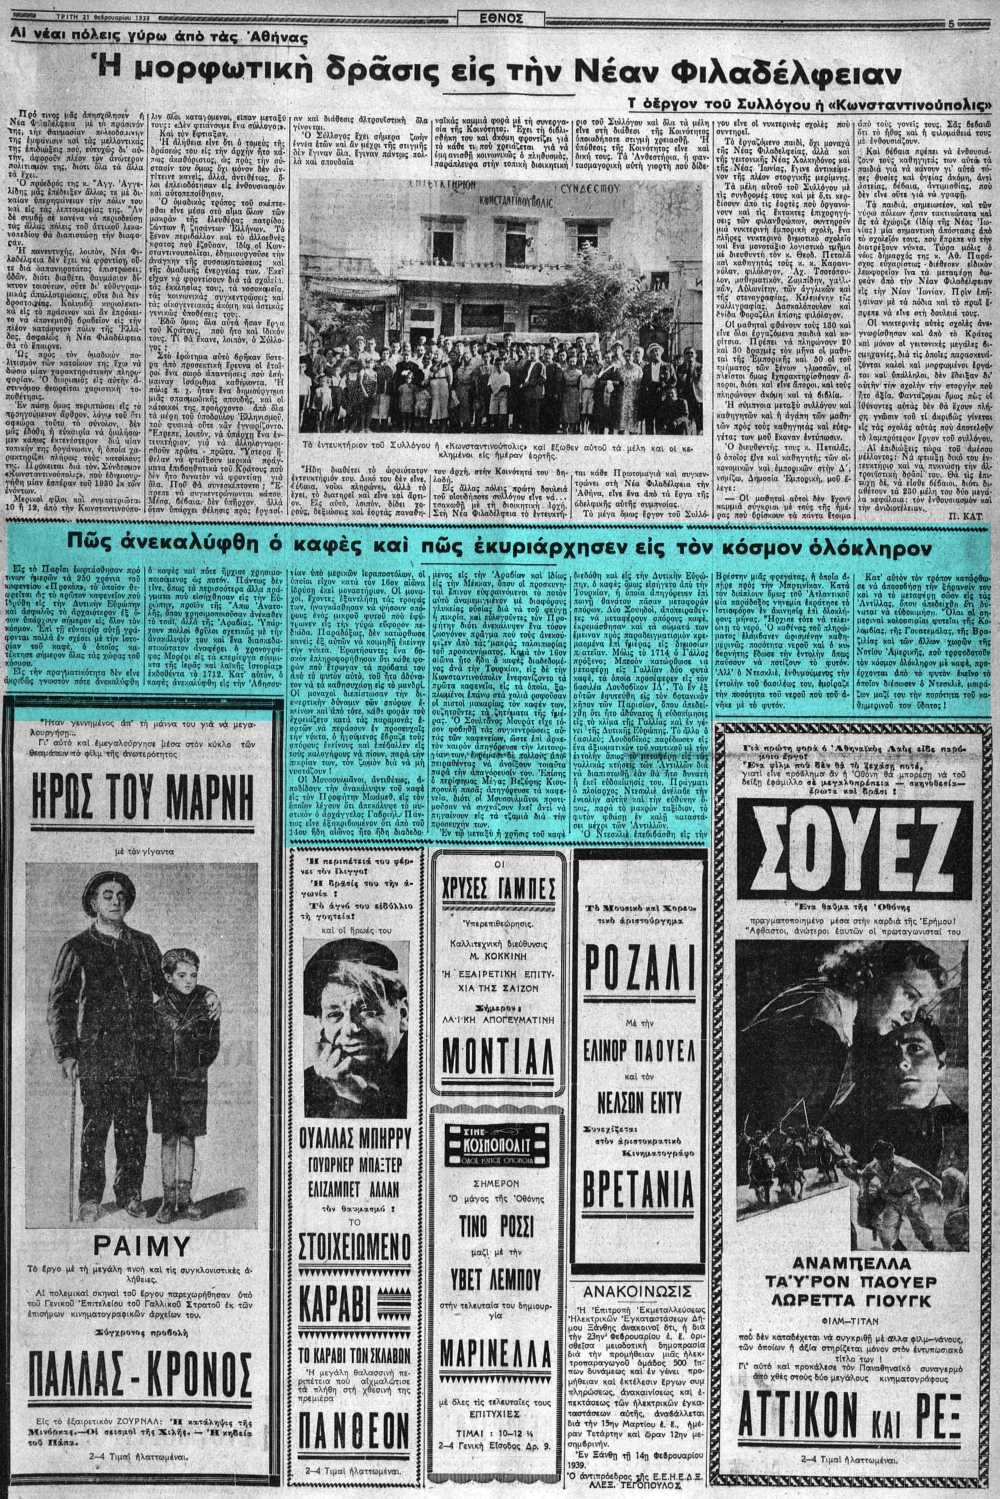 """Το άρθρο, όπως δημοσιεύθηκε στην εφημερίδα """"ΕΘΝΟΣ"""", στις 21/02/1939"""